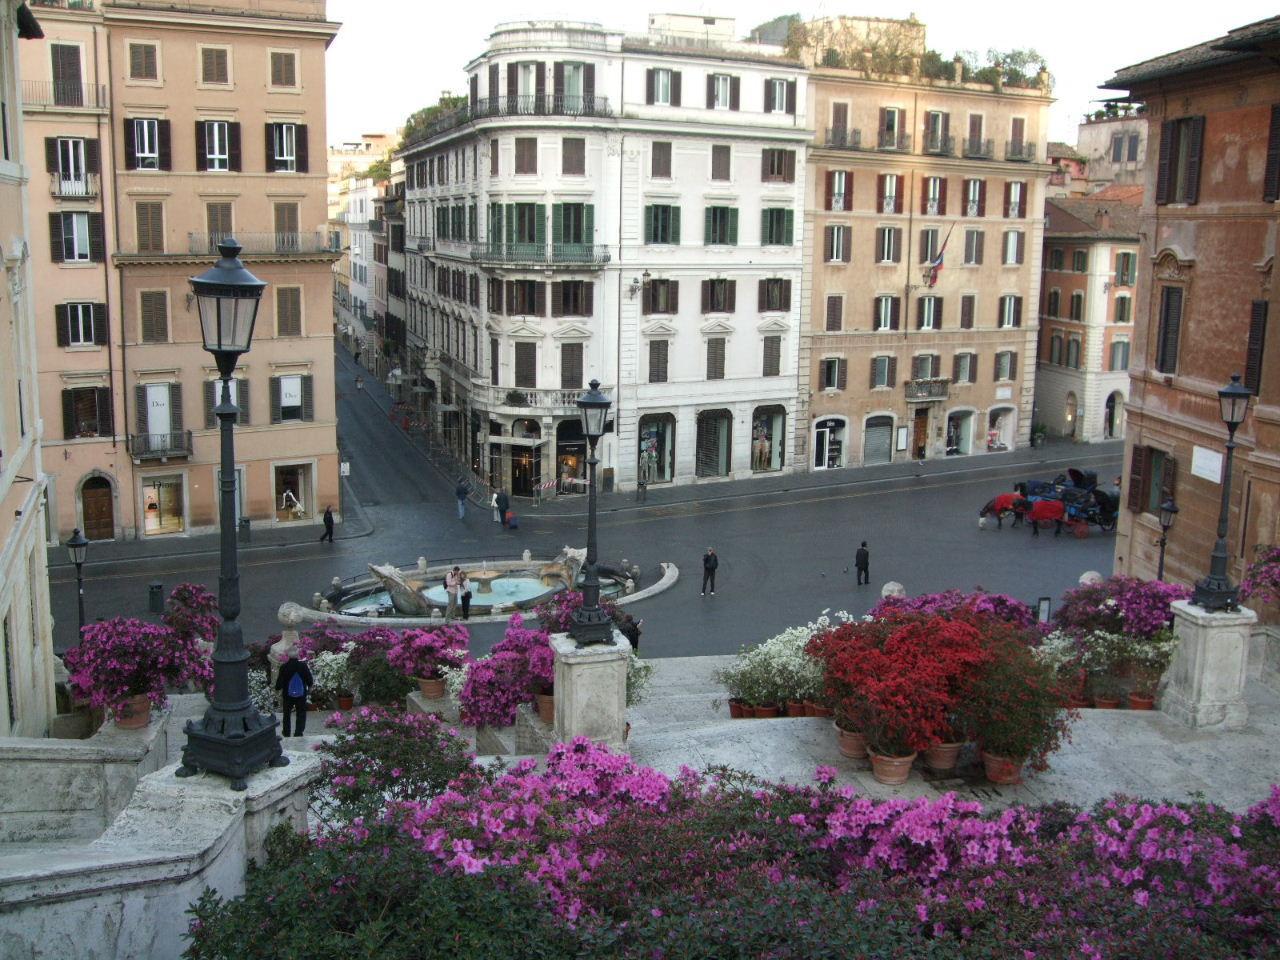 ローマ 朝のスペイン広場